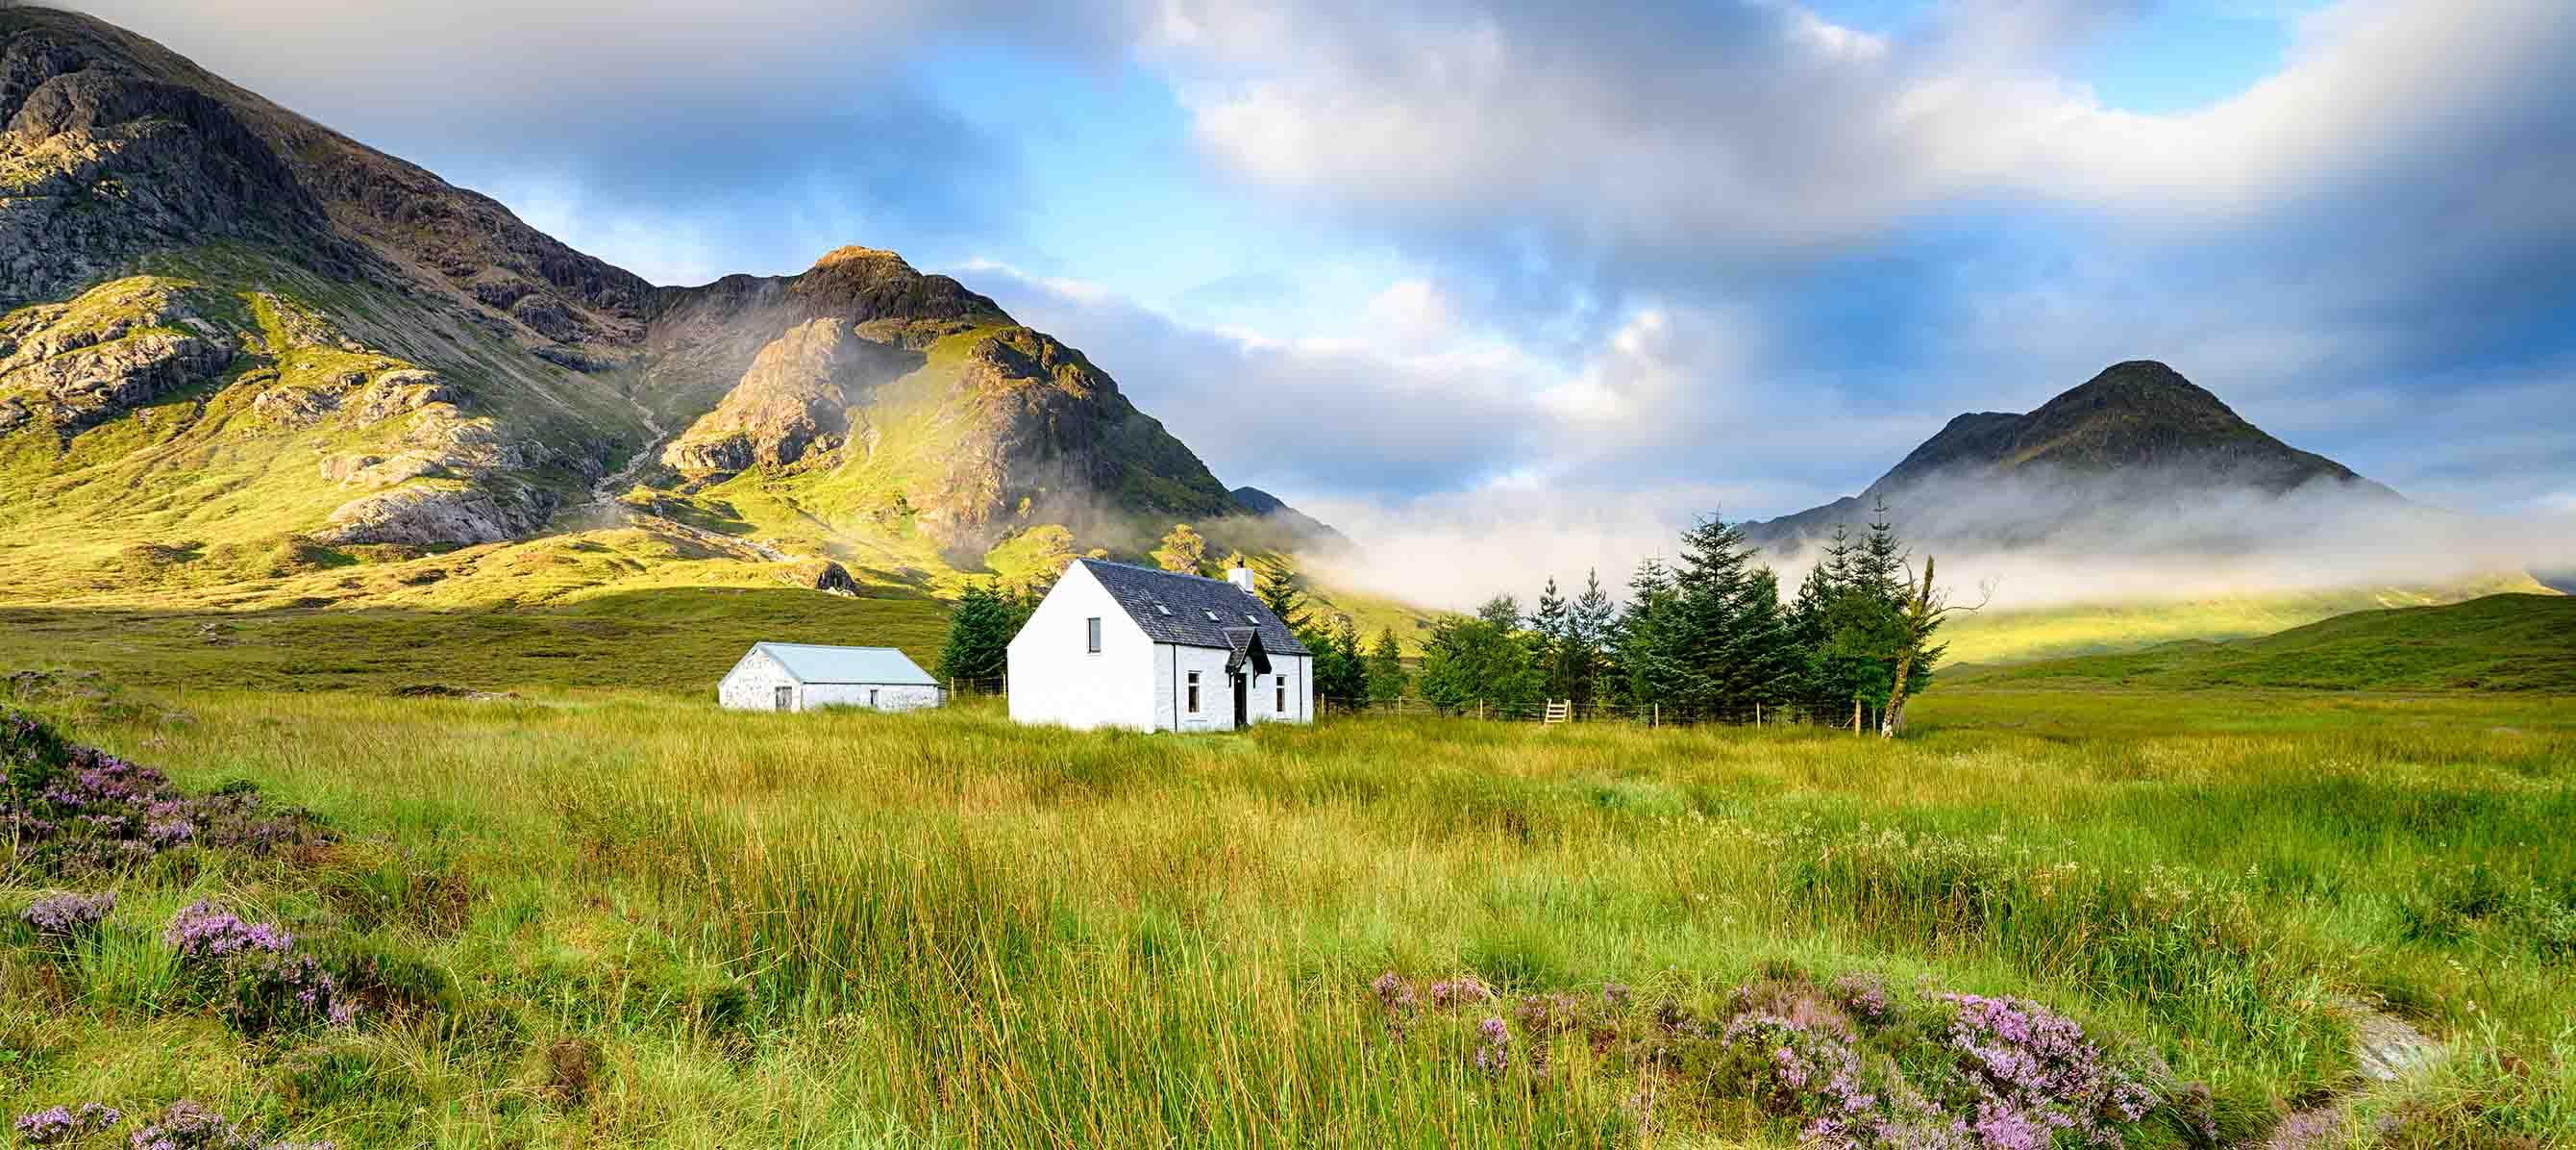 Rejs til Glencoe i det vestlige Skotland med Kulturrejser Europa